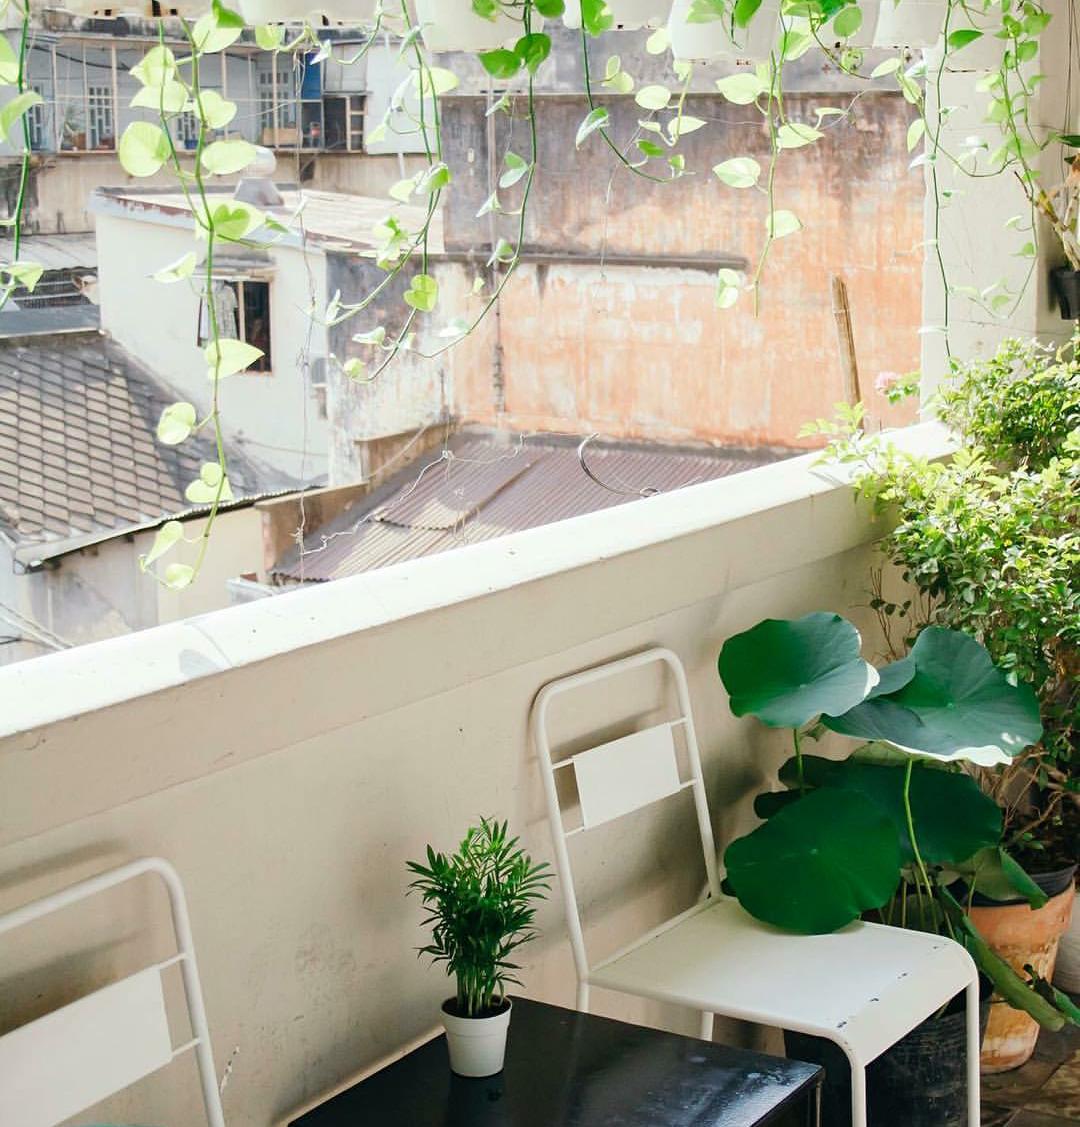 Update ngay danh sách những quán cafe đang được giới trẻ Sài Gòn check-in liên tục - Ảnh 38.